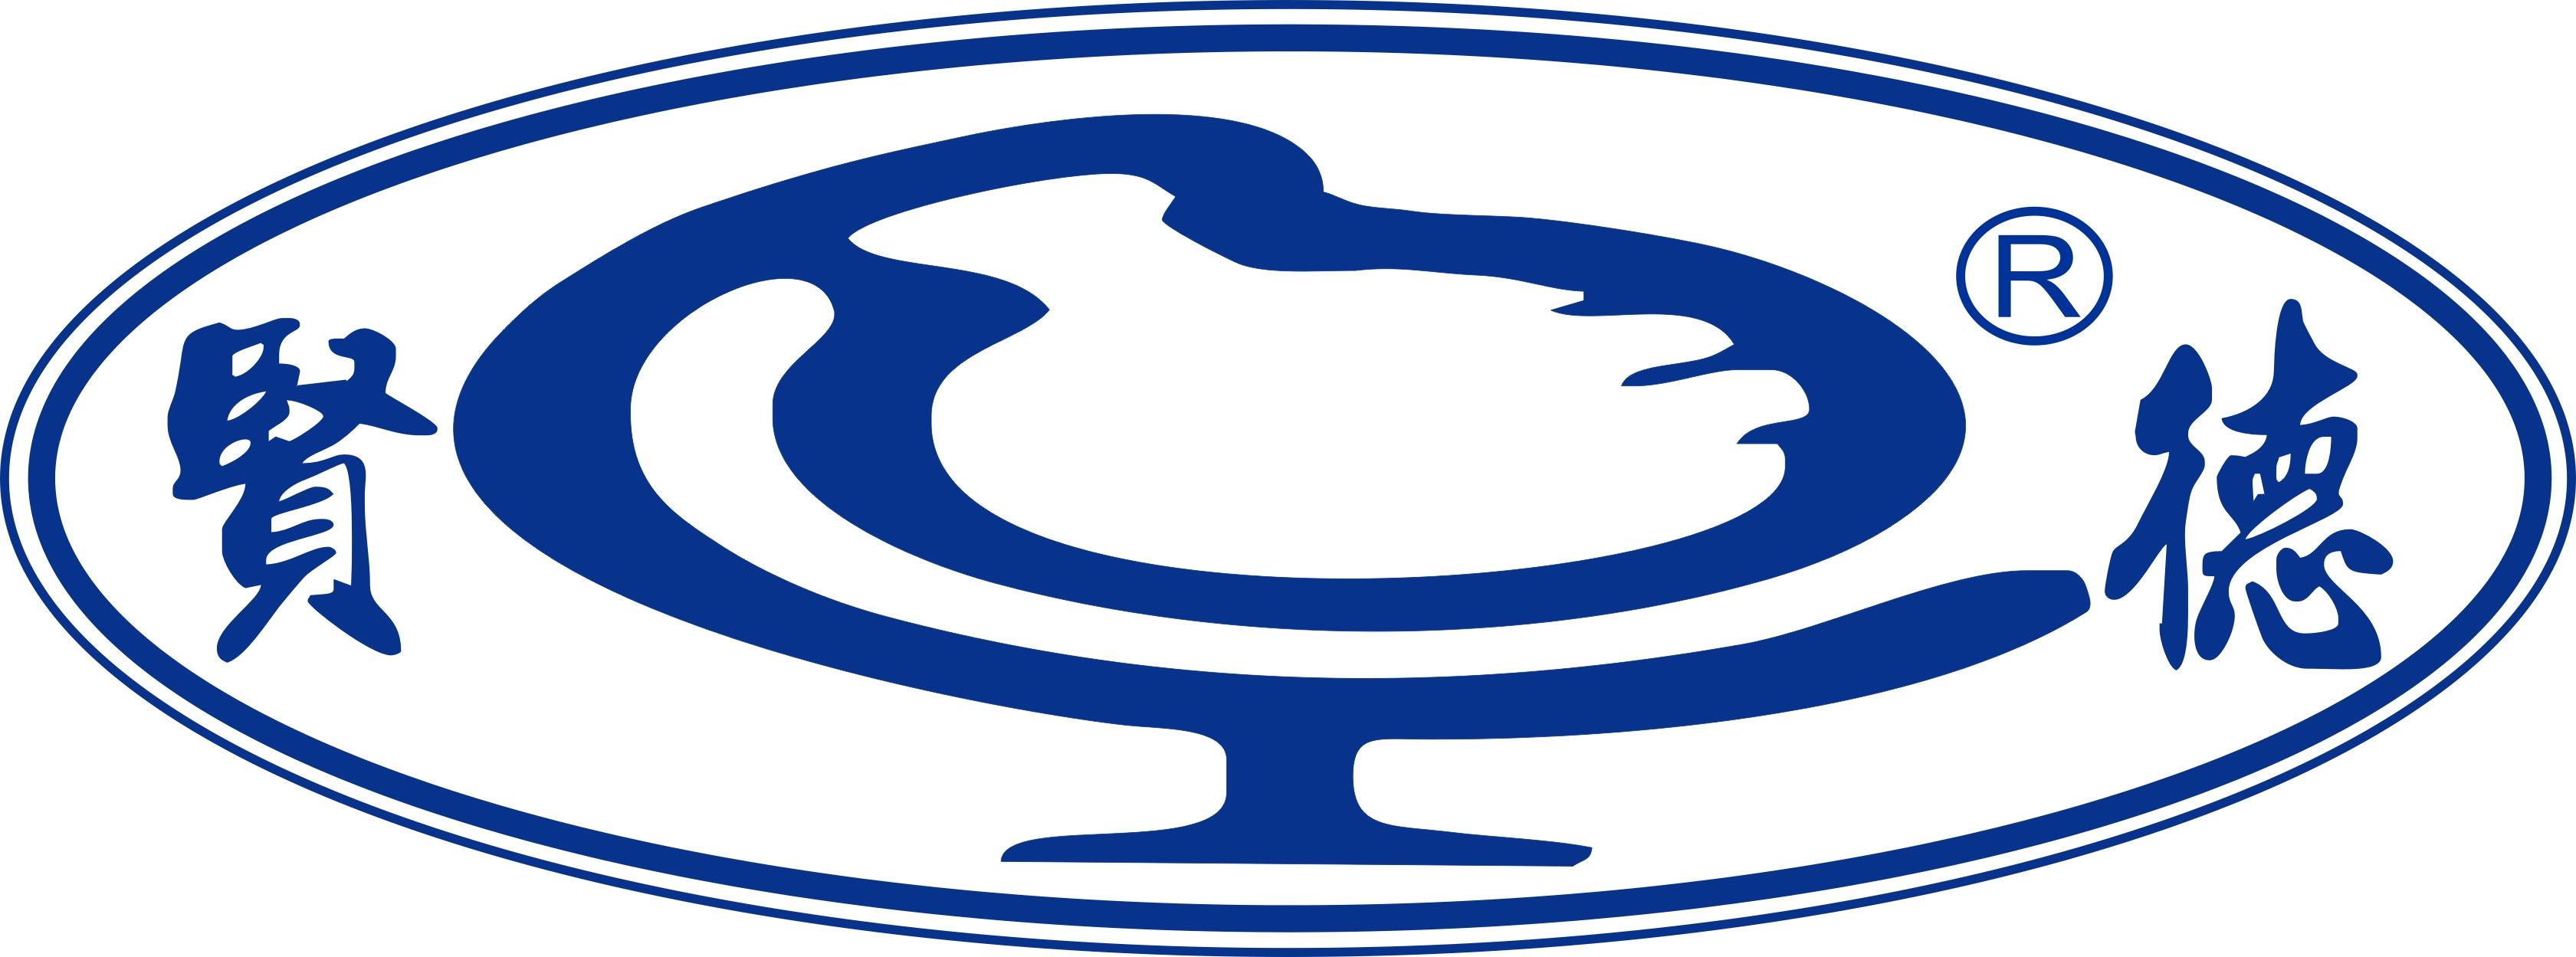 logo logo 标志 设计 矢量 矢量图 素材 图标 3361_1249